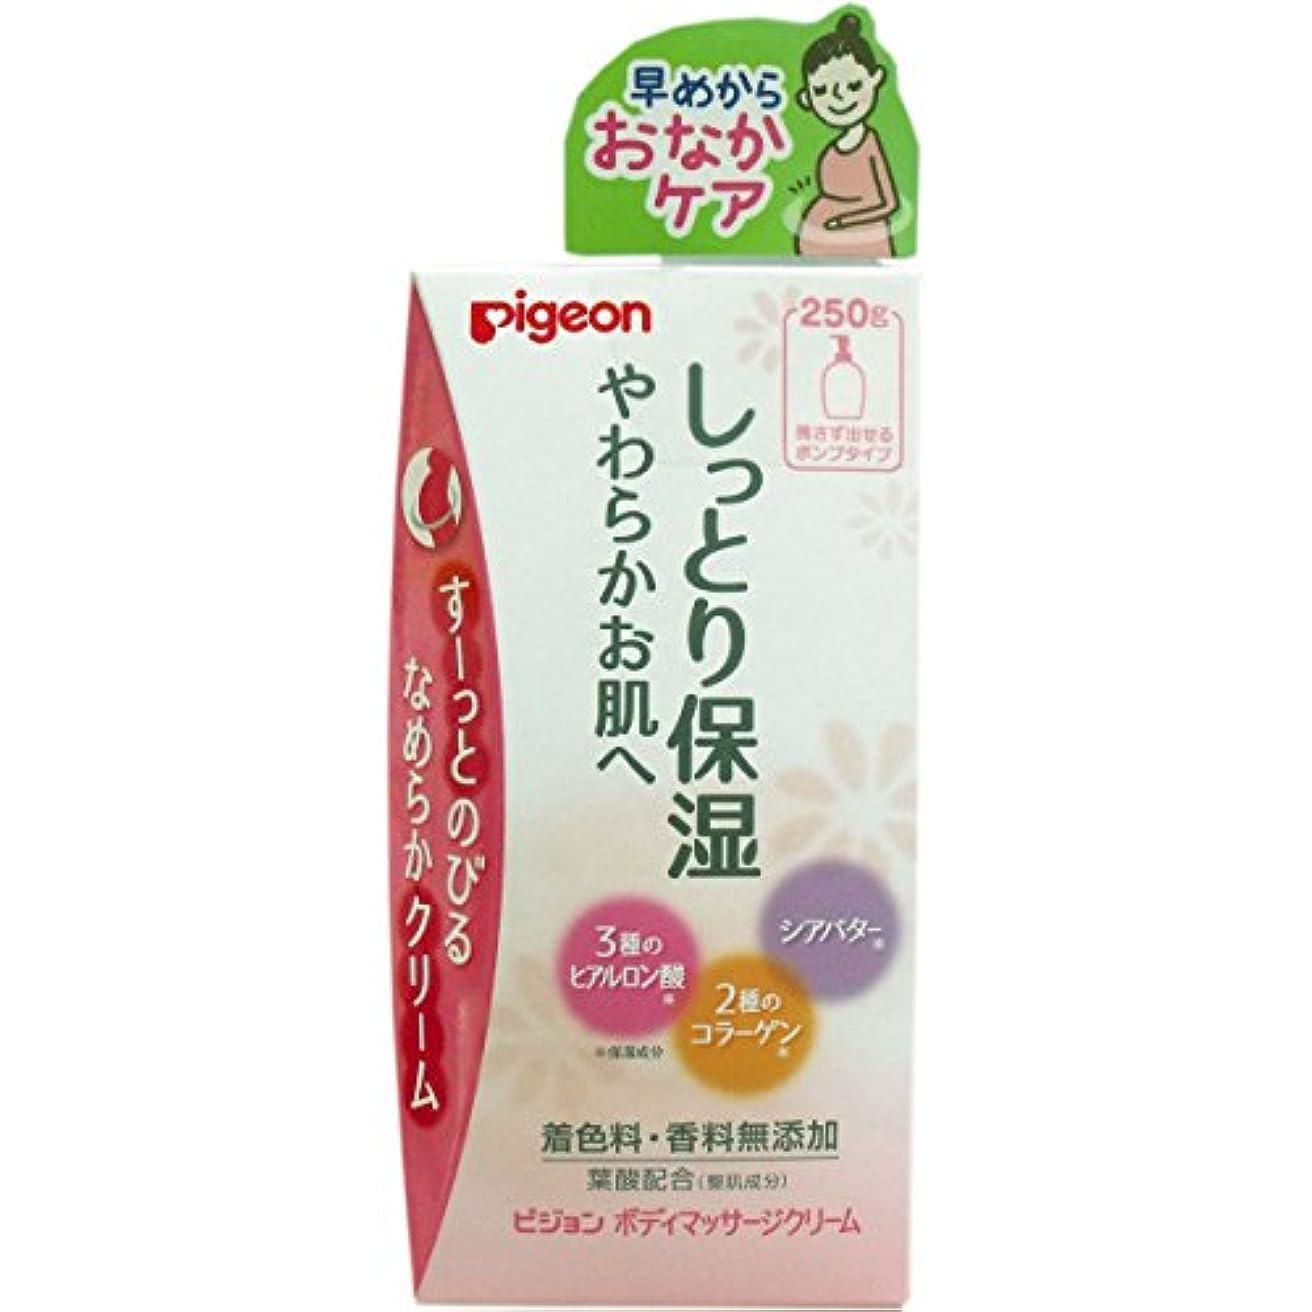 ダニ忌避剤正当化するピジョン ボディマッサージクリーム 250g ×3個セット